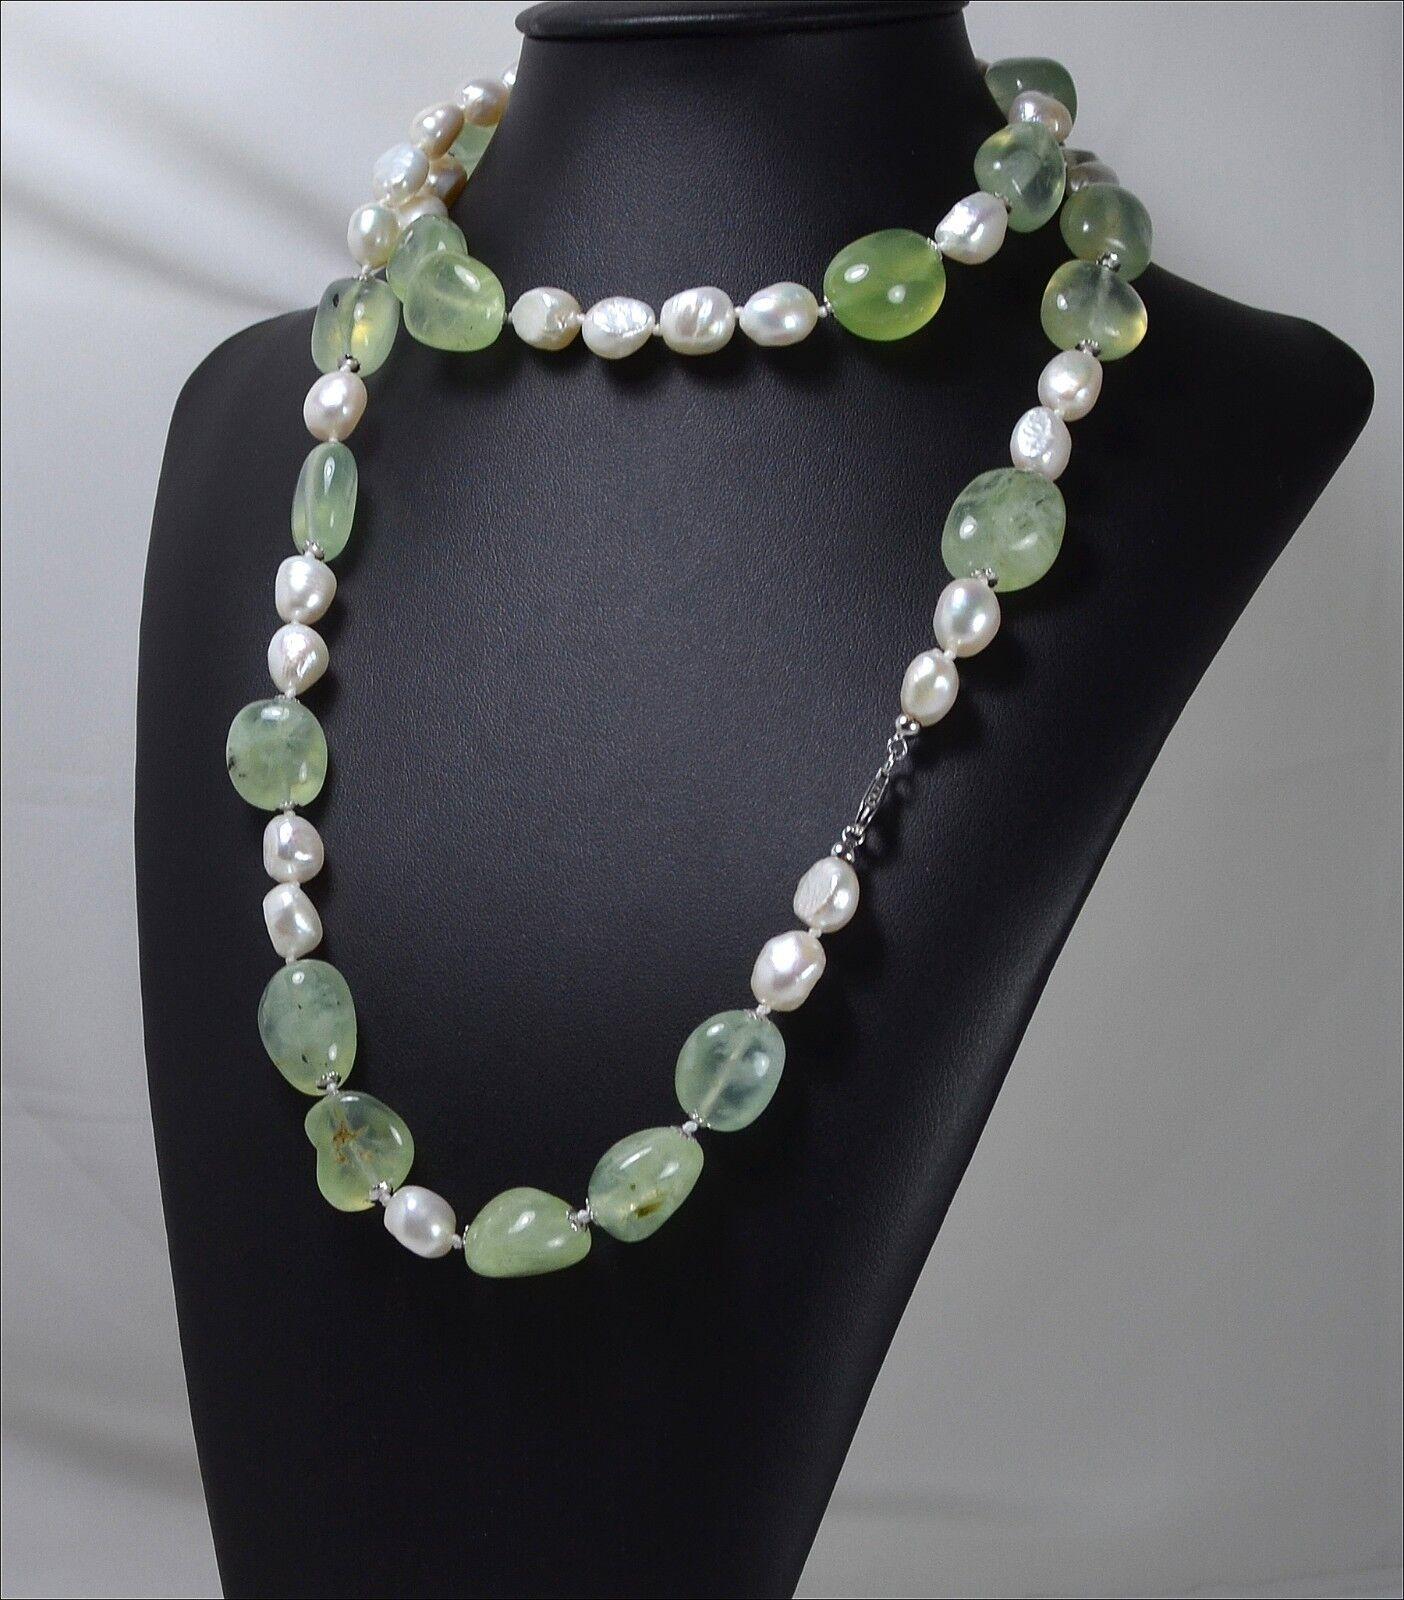 COLLANA silver QUARZO green TORMALINATO SASSI  E PERLE  -AGLN 082 -